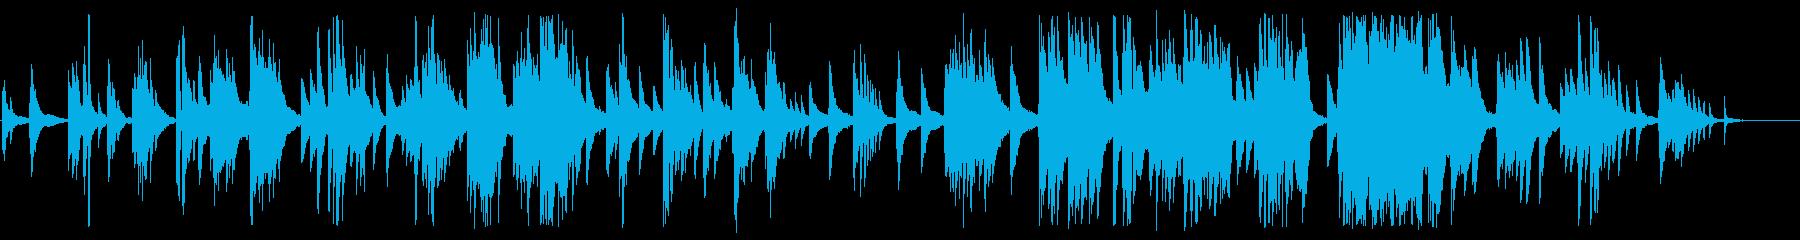 ゆったりした大人のジャズピアノBGMの再生済みの波形